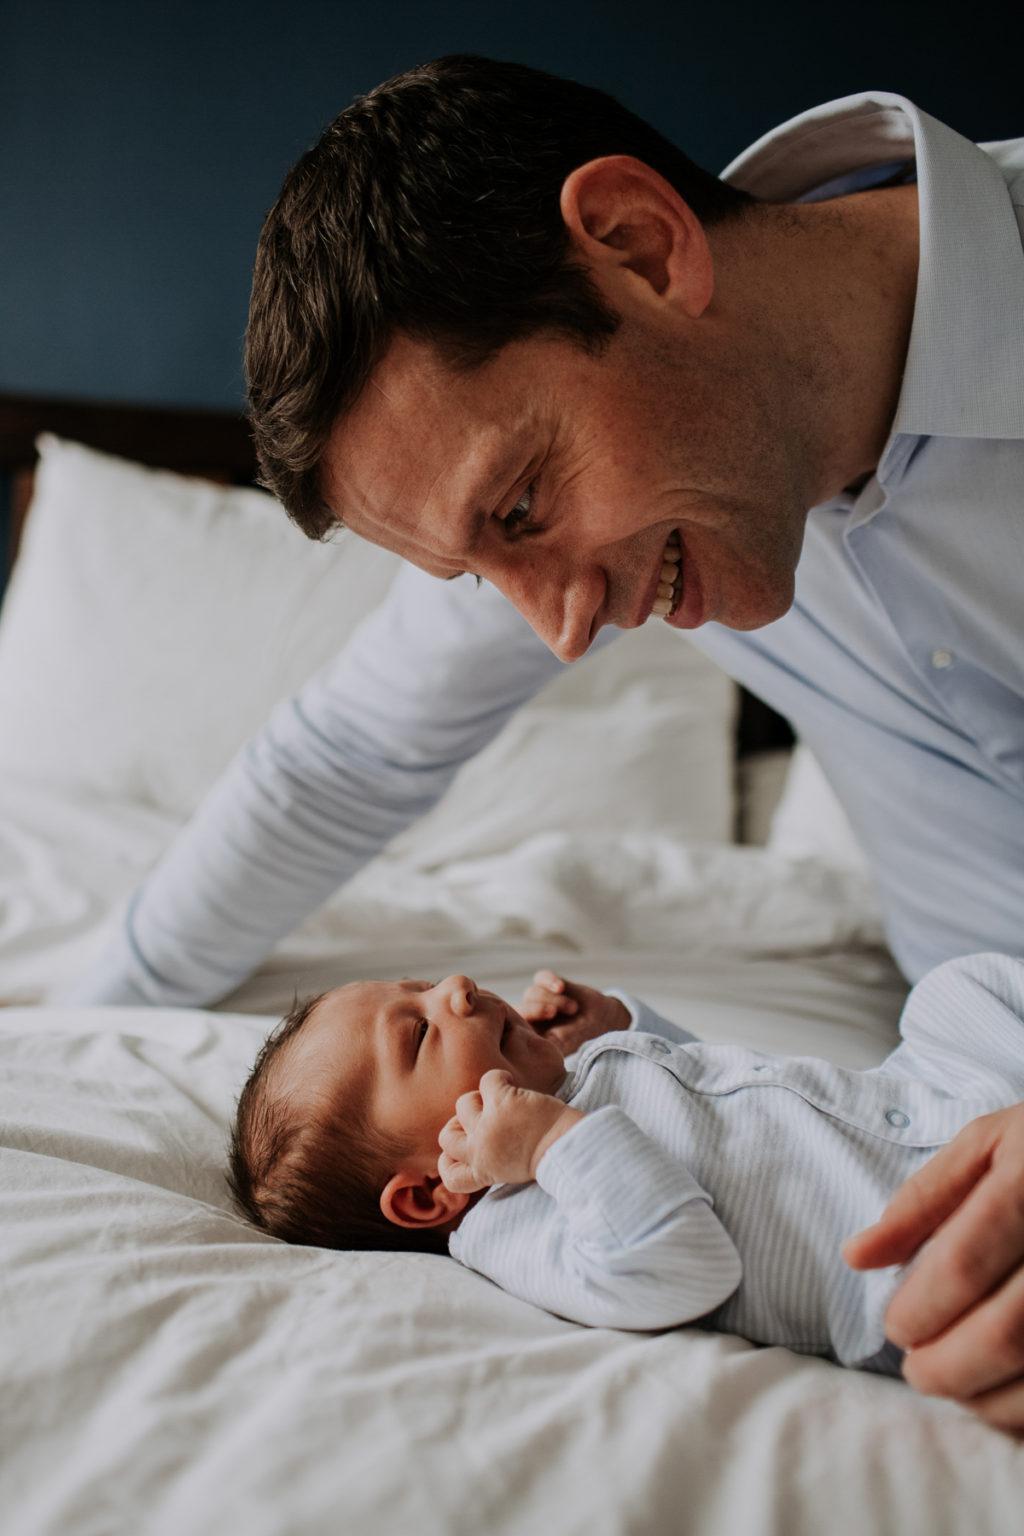 newborn at home photoshoot